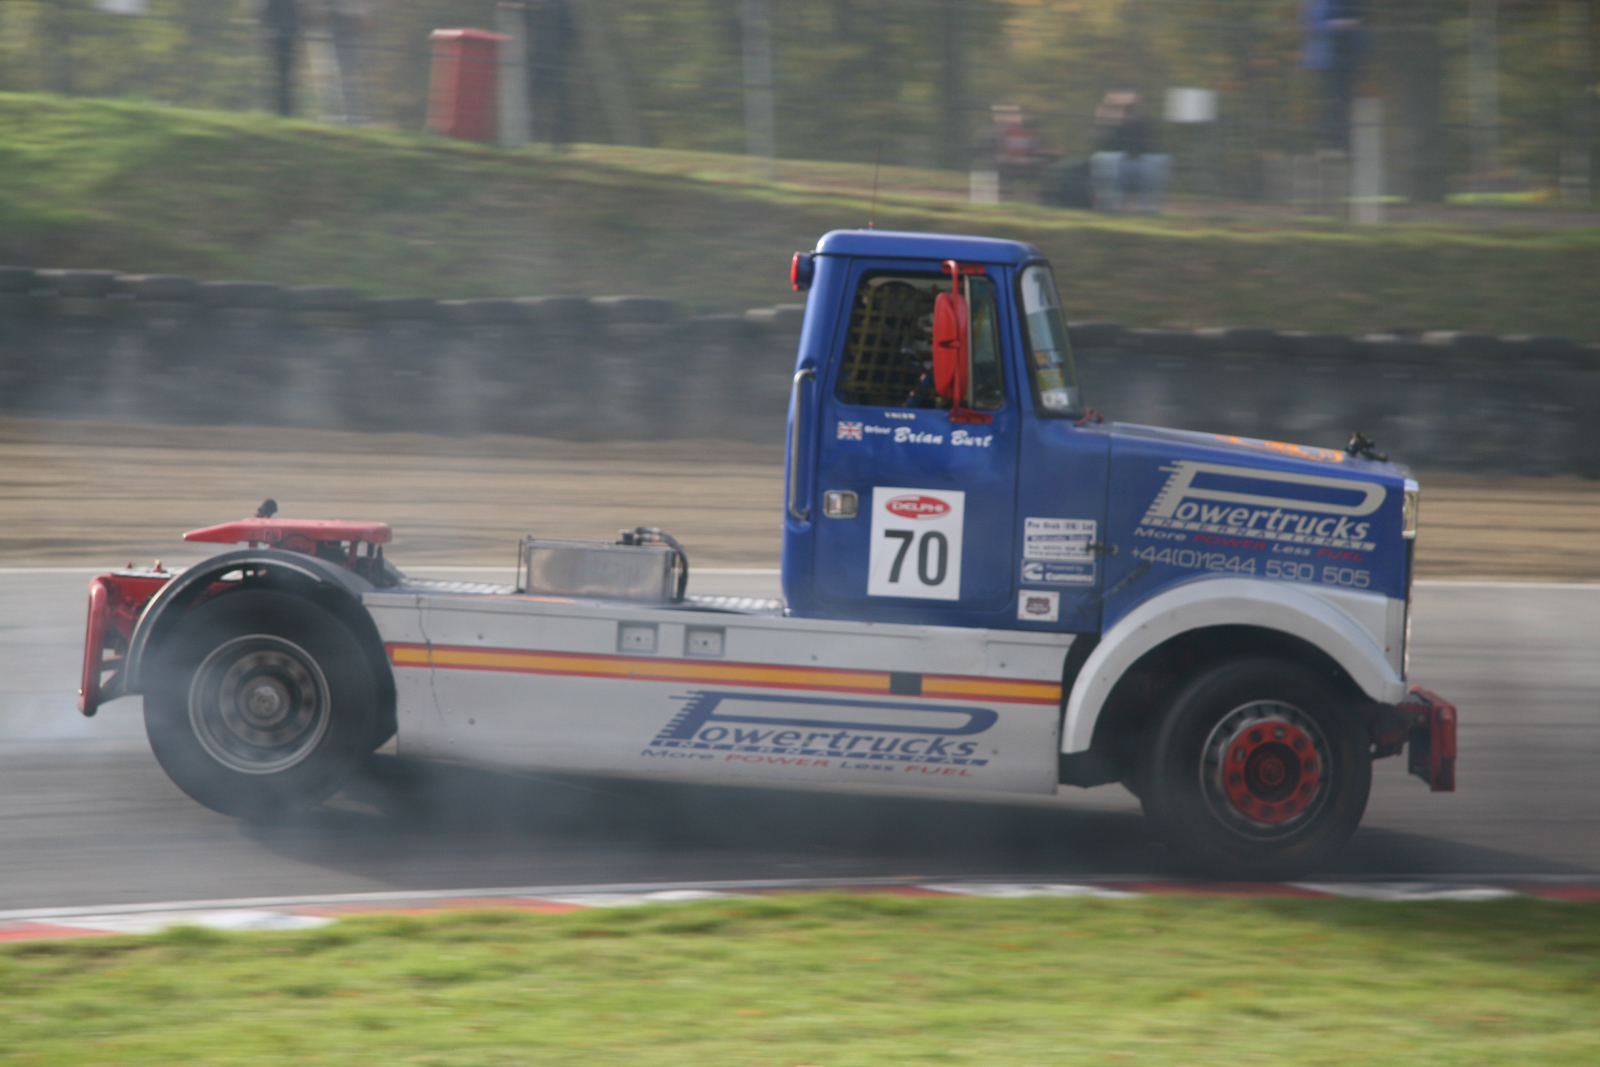 20071103 - Truck Racing Brands -071103 -035